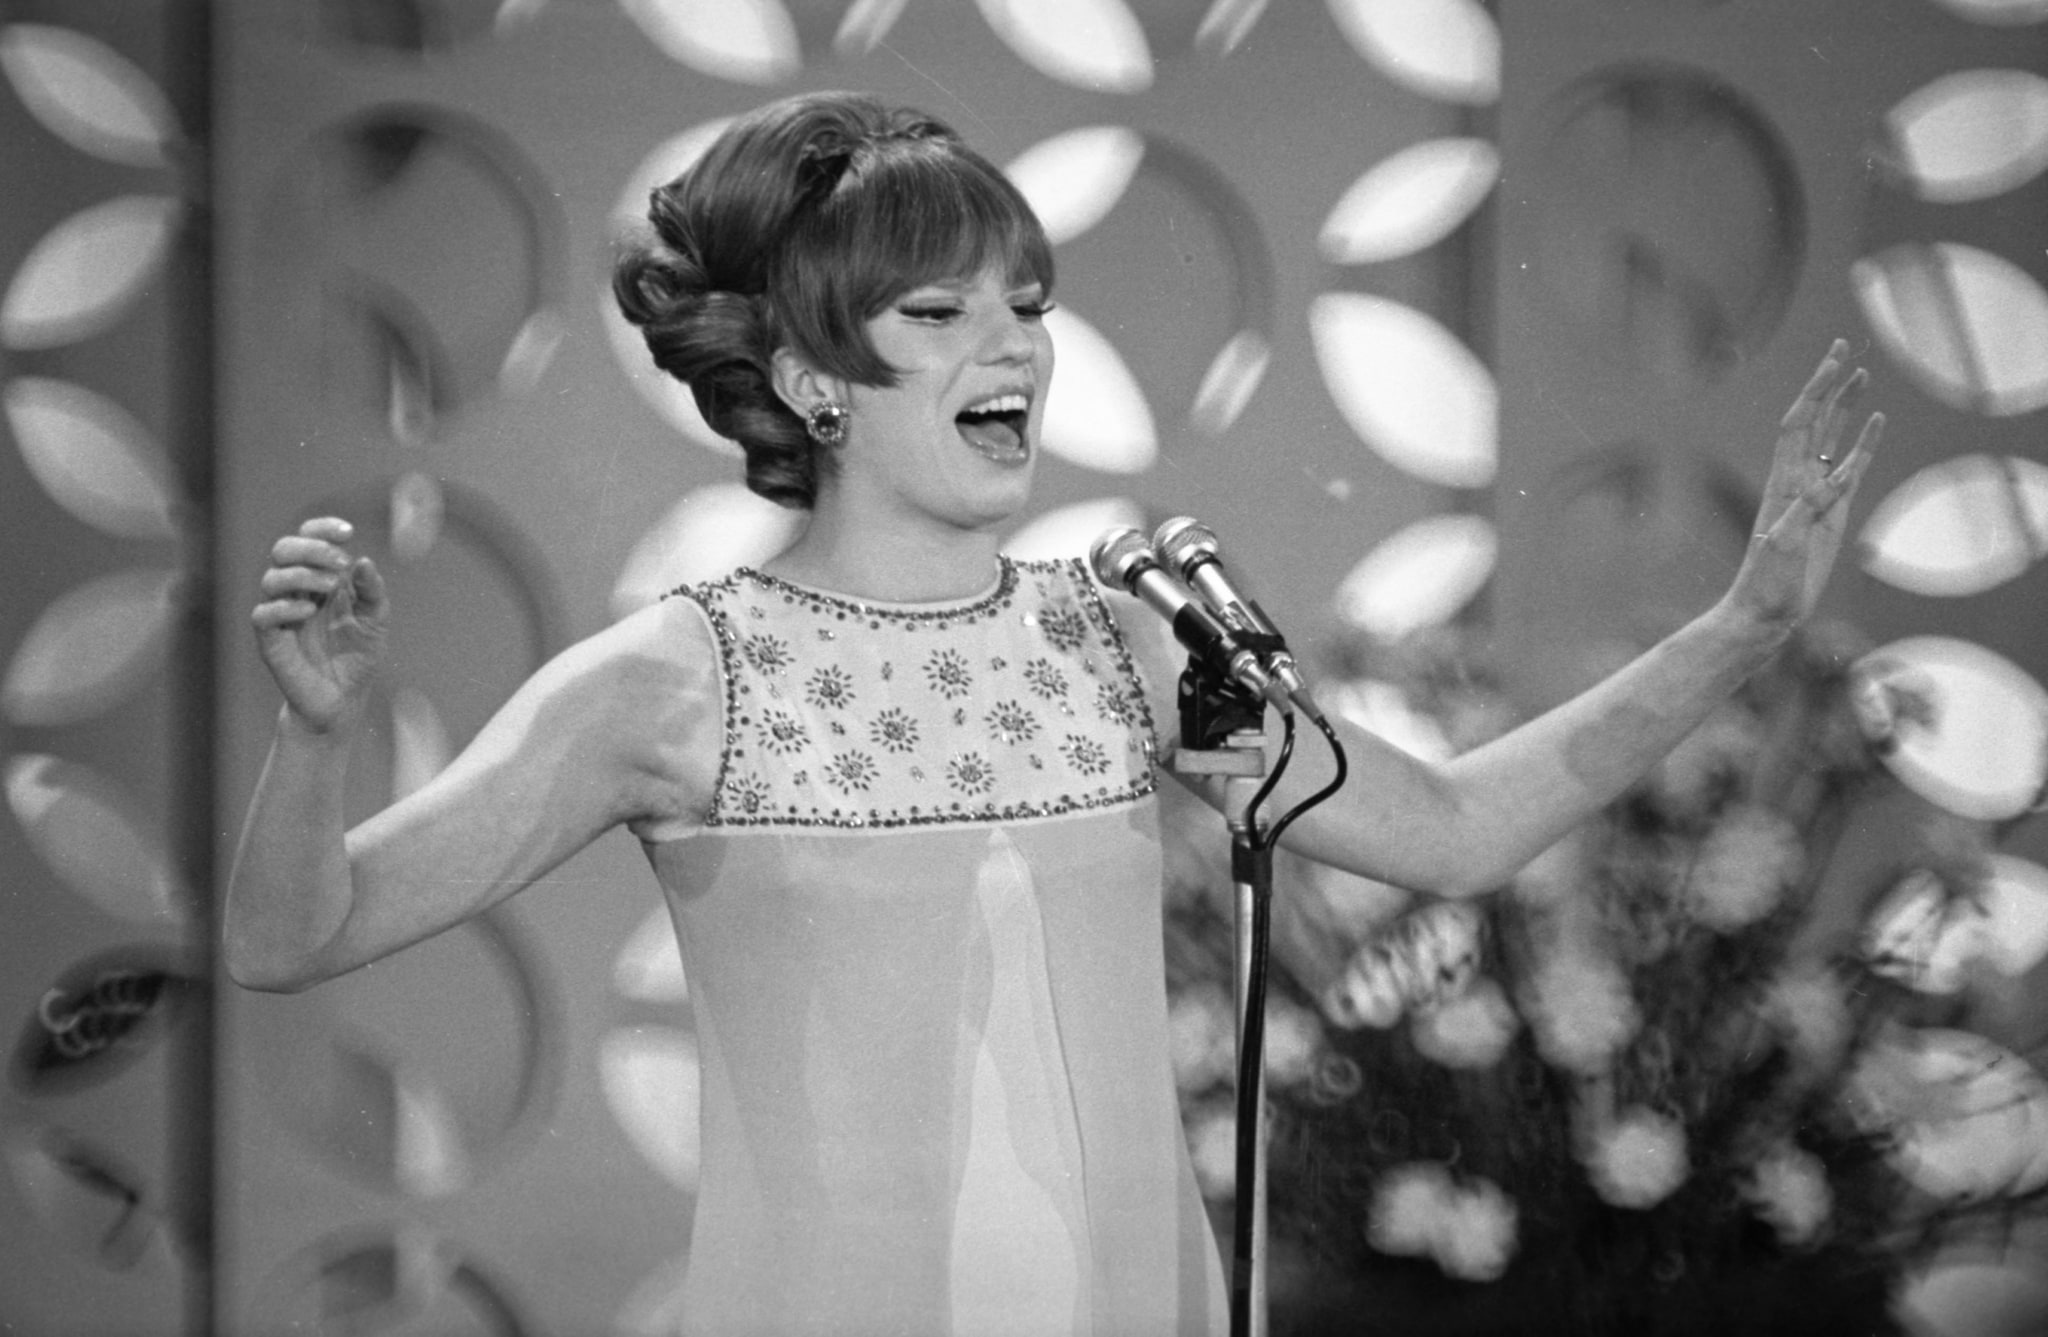 (in foto: Iva Zanicchi al Festiva di Sanremo 1967, La Presse)